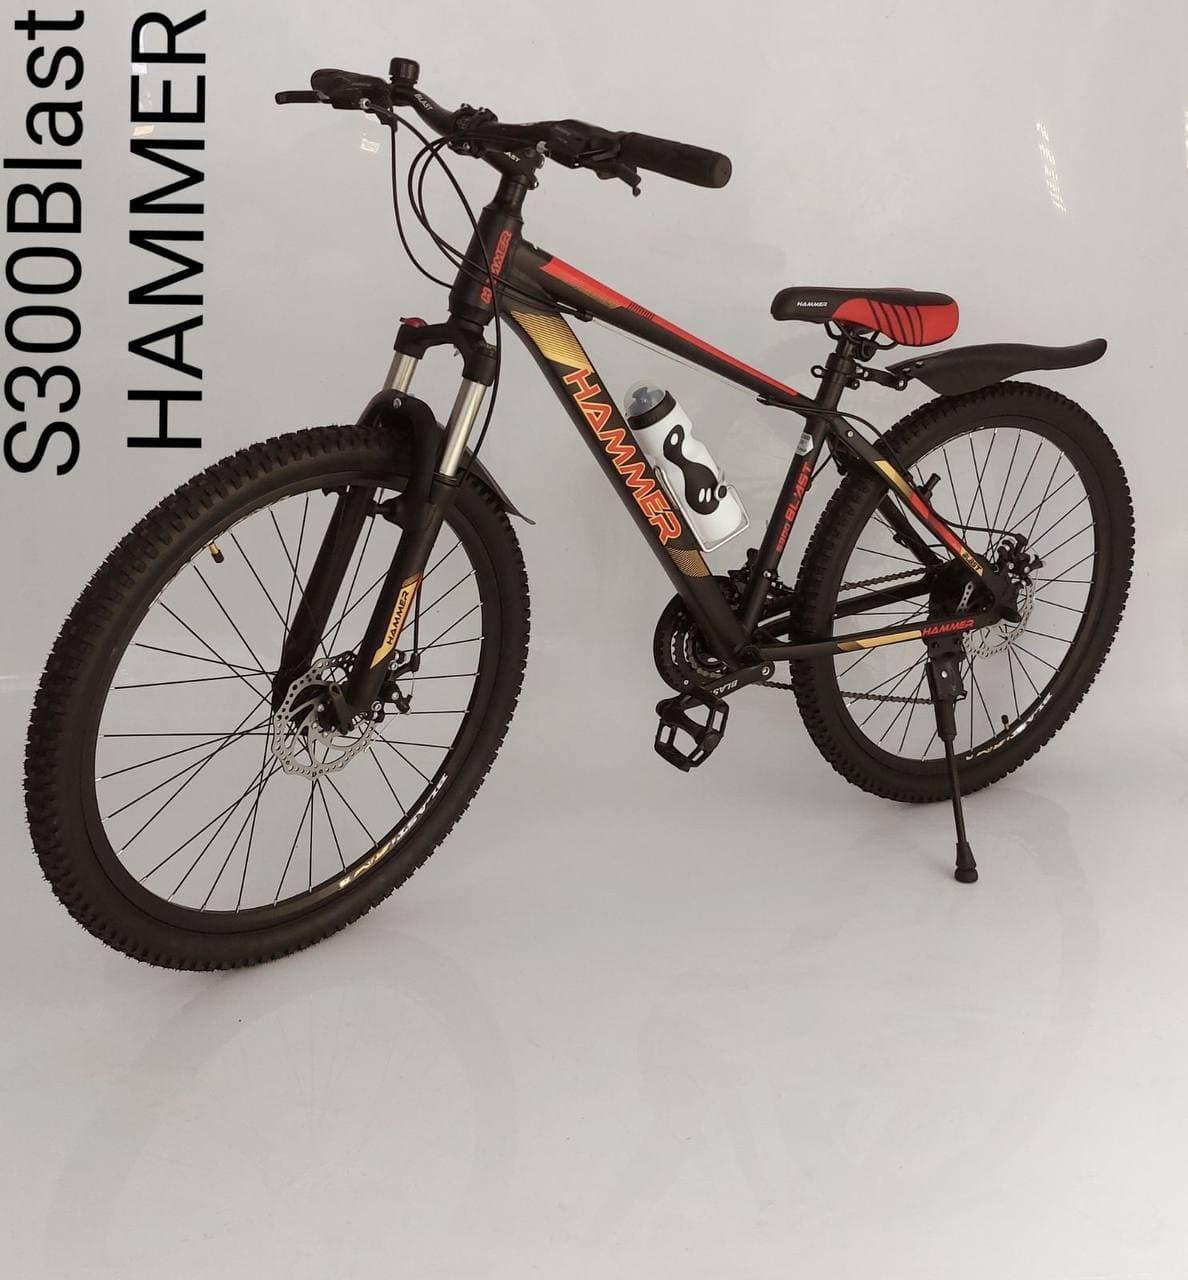 Горный алюминиевый подростковый велосипед с амортизацией S300 BLAST Диаметр колёс 24 Рама 13 Япония Shimano